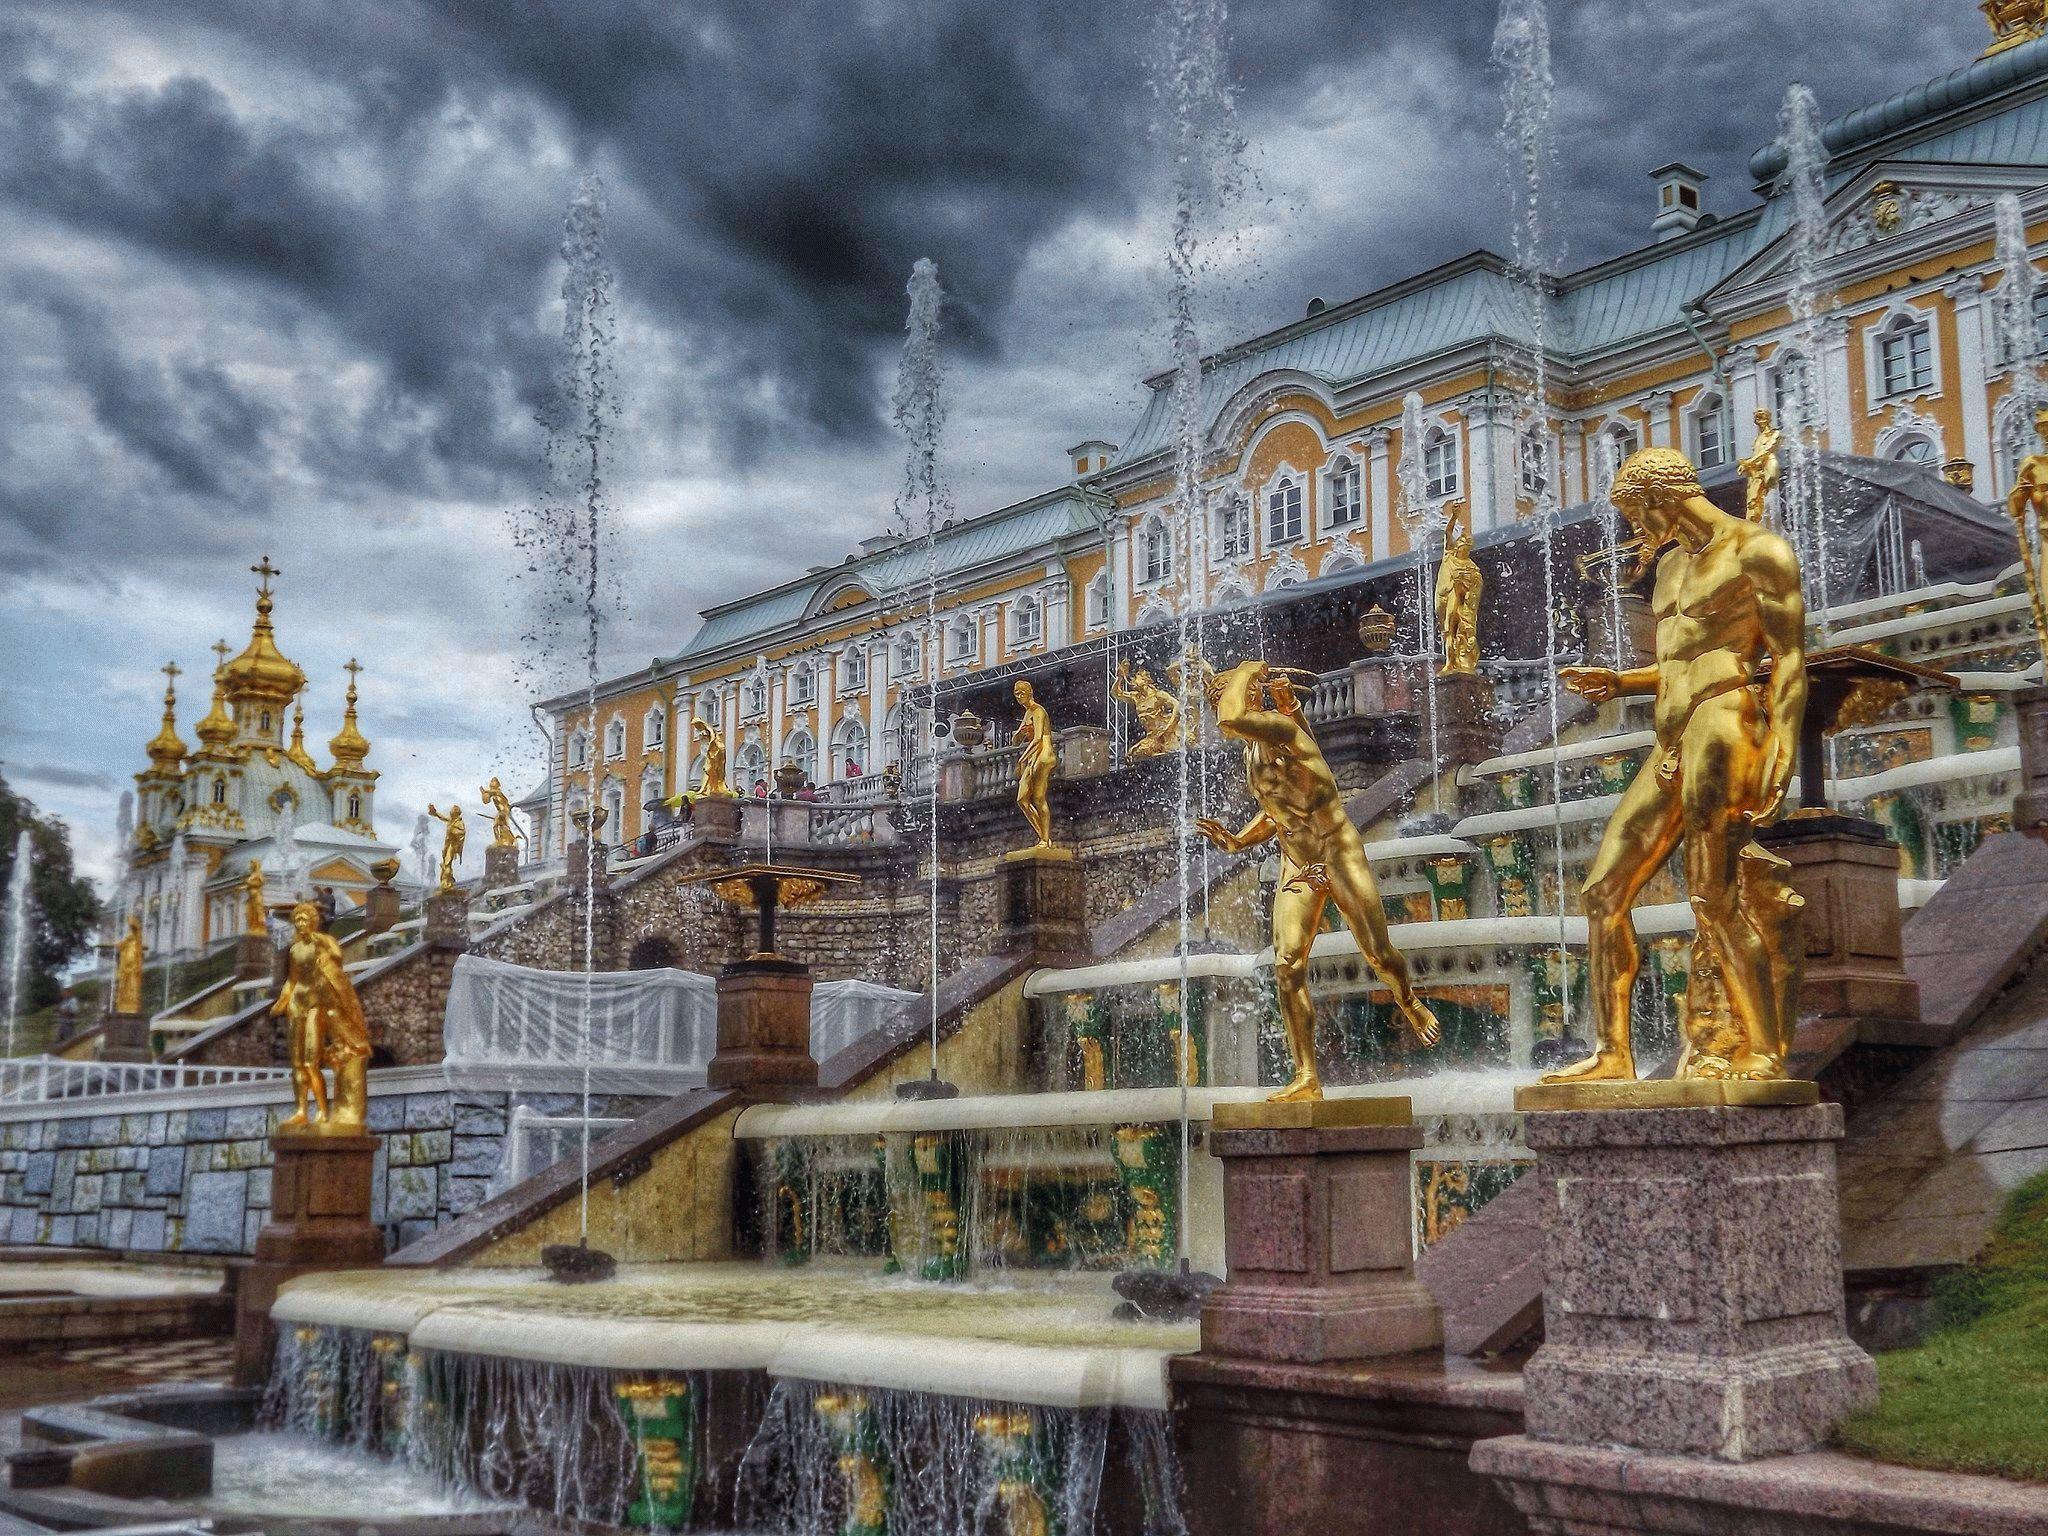 Пригороды Санкт-Петербурга и их достопримечательности с описанием и фото